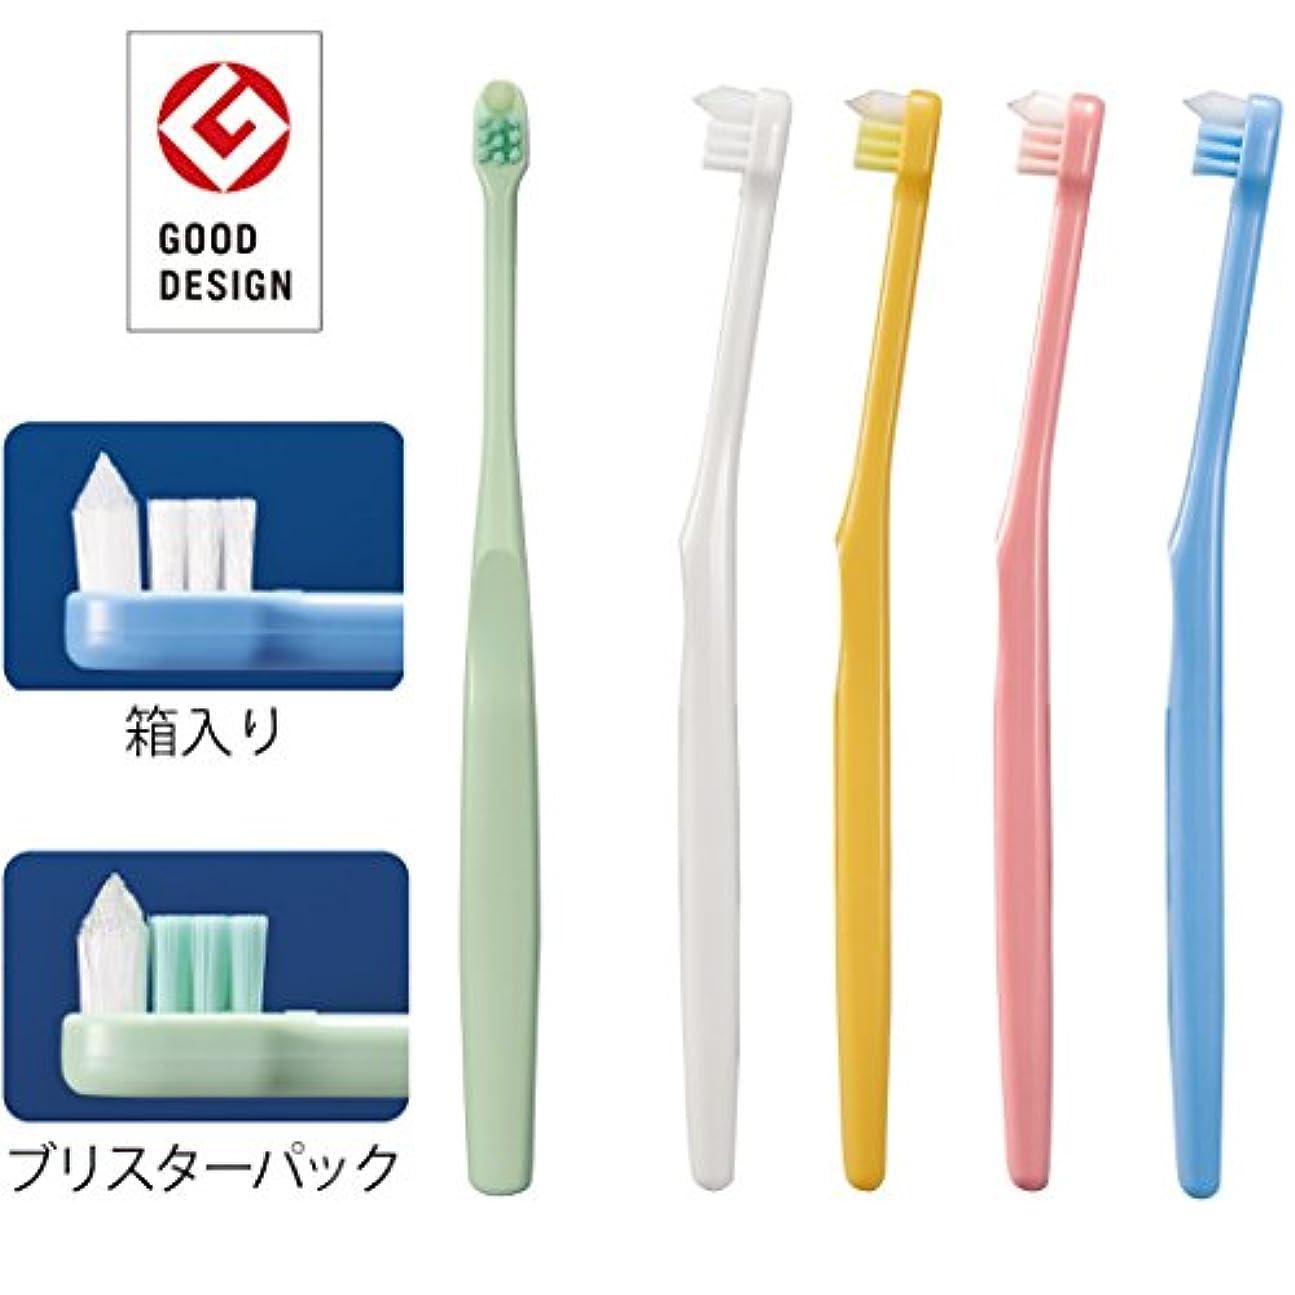 排泄するクライマックス罪歯科医院専売 Ci ネオタフト M(ふつう) 6本 4色アソート